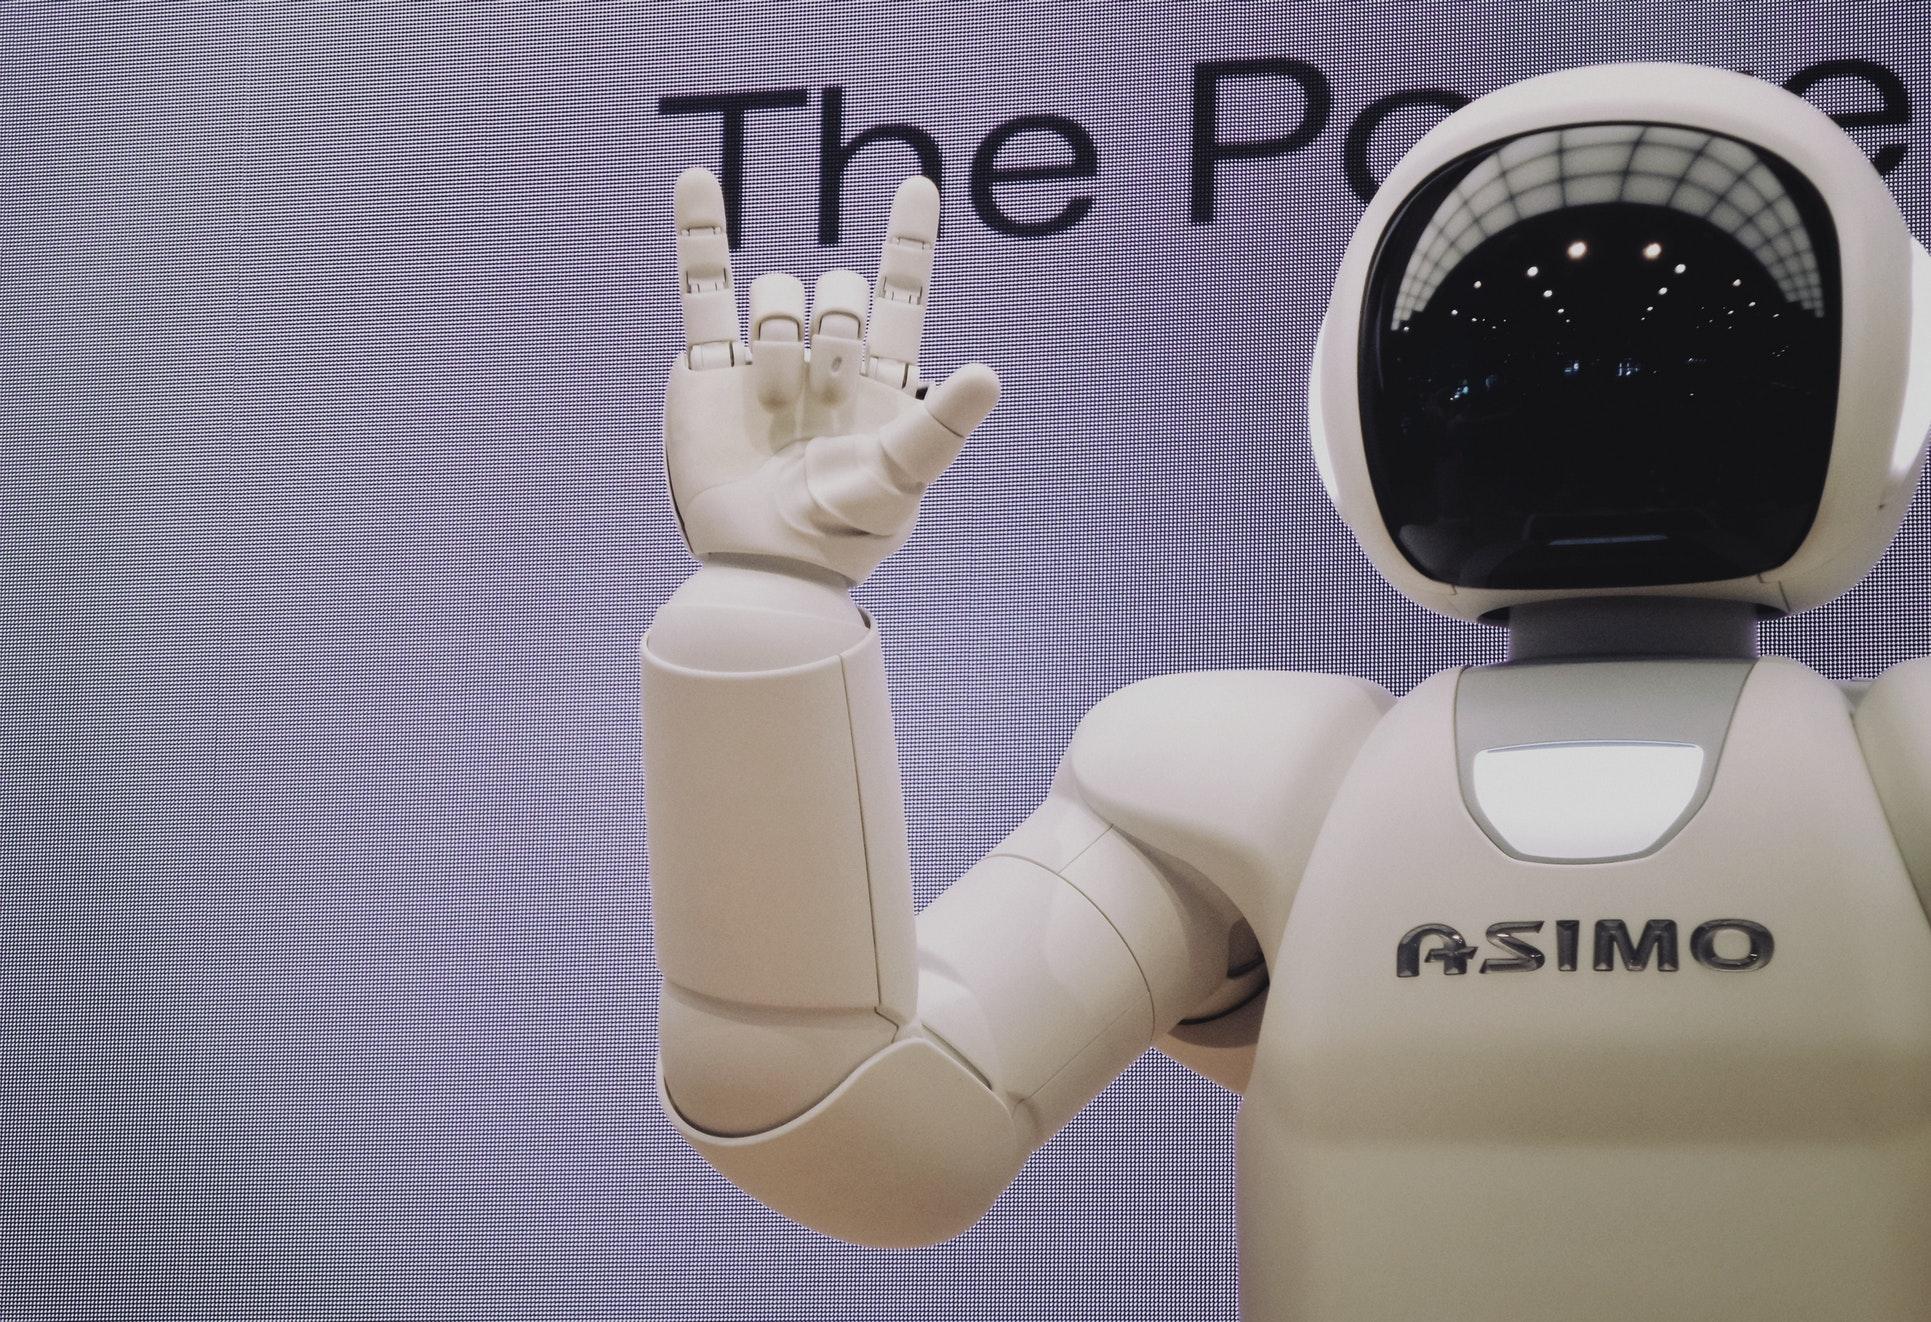 未來人類生活處處皆是AI人工智慧,還不快去上Python課程